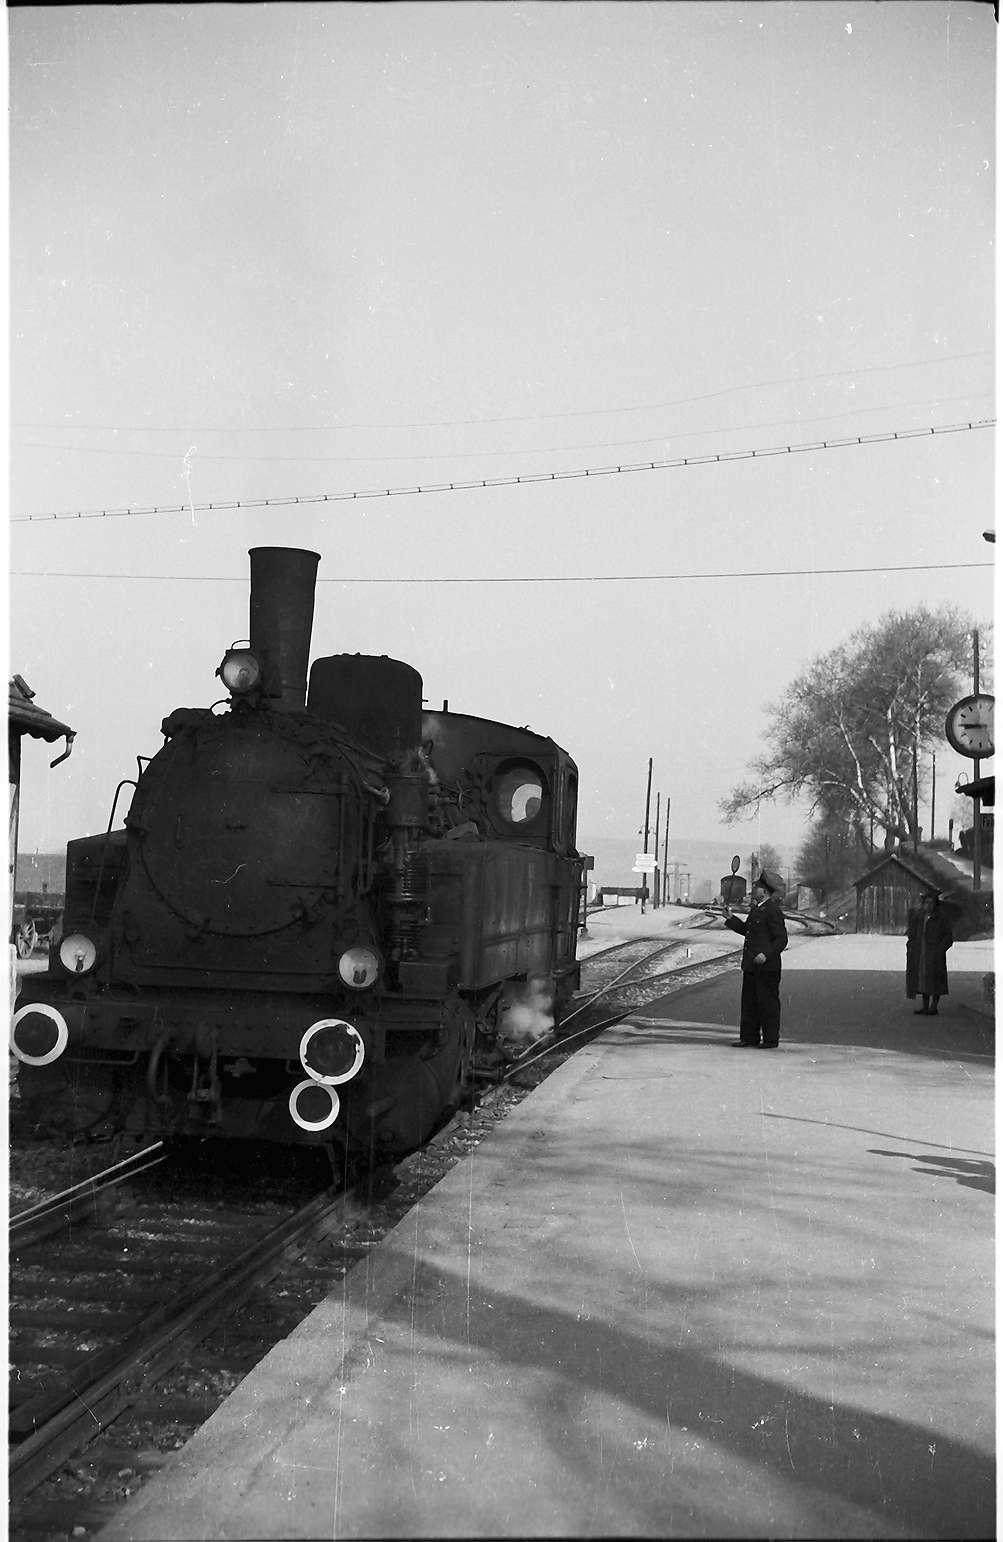 Lz 404, Landesbahnhof Hechingen; Fahrdienstleiter Merkle gibt mit der Kelle den Abfuhrauftrag, Bild 1